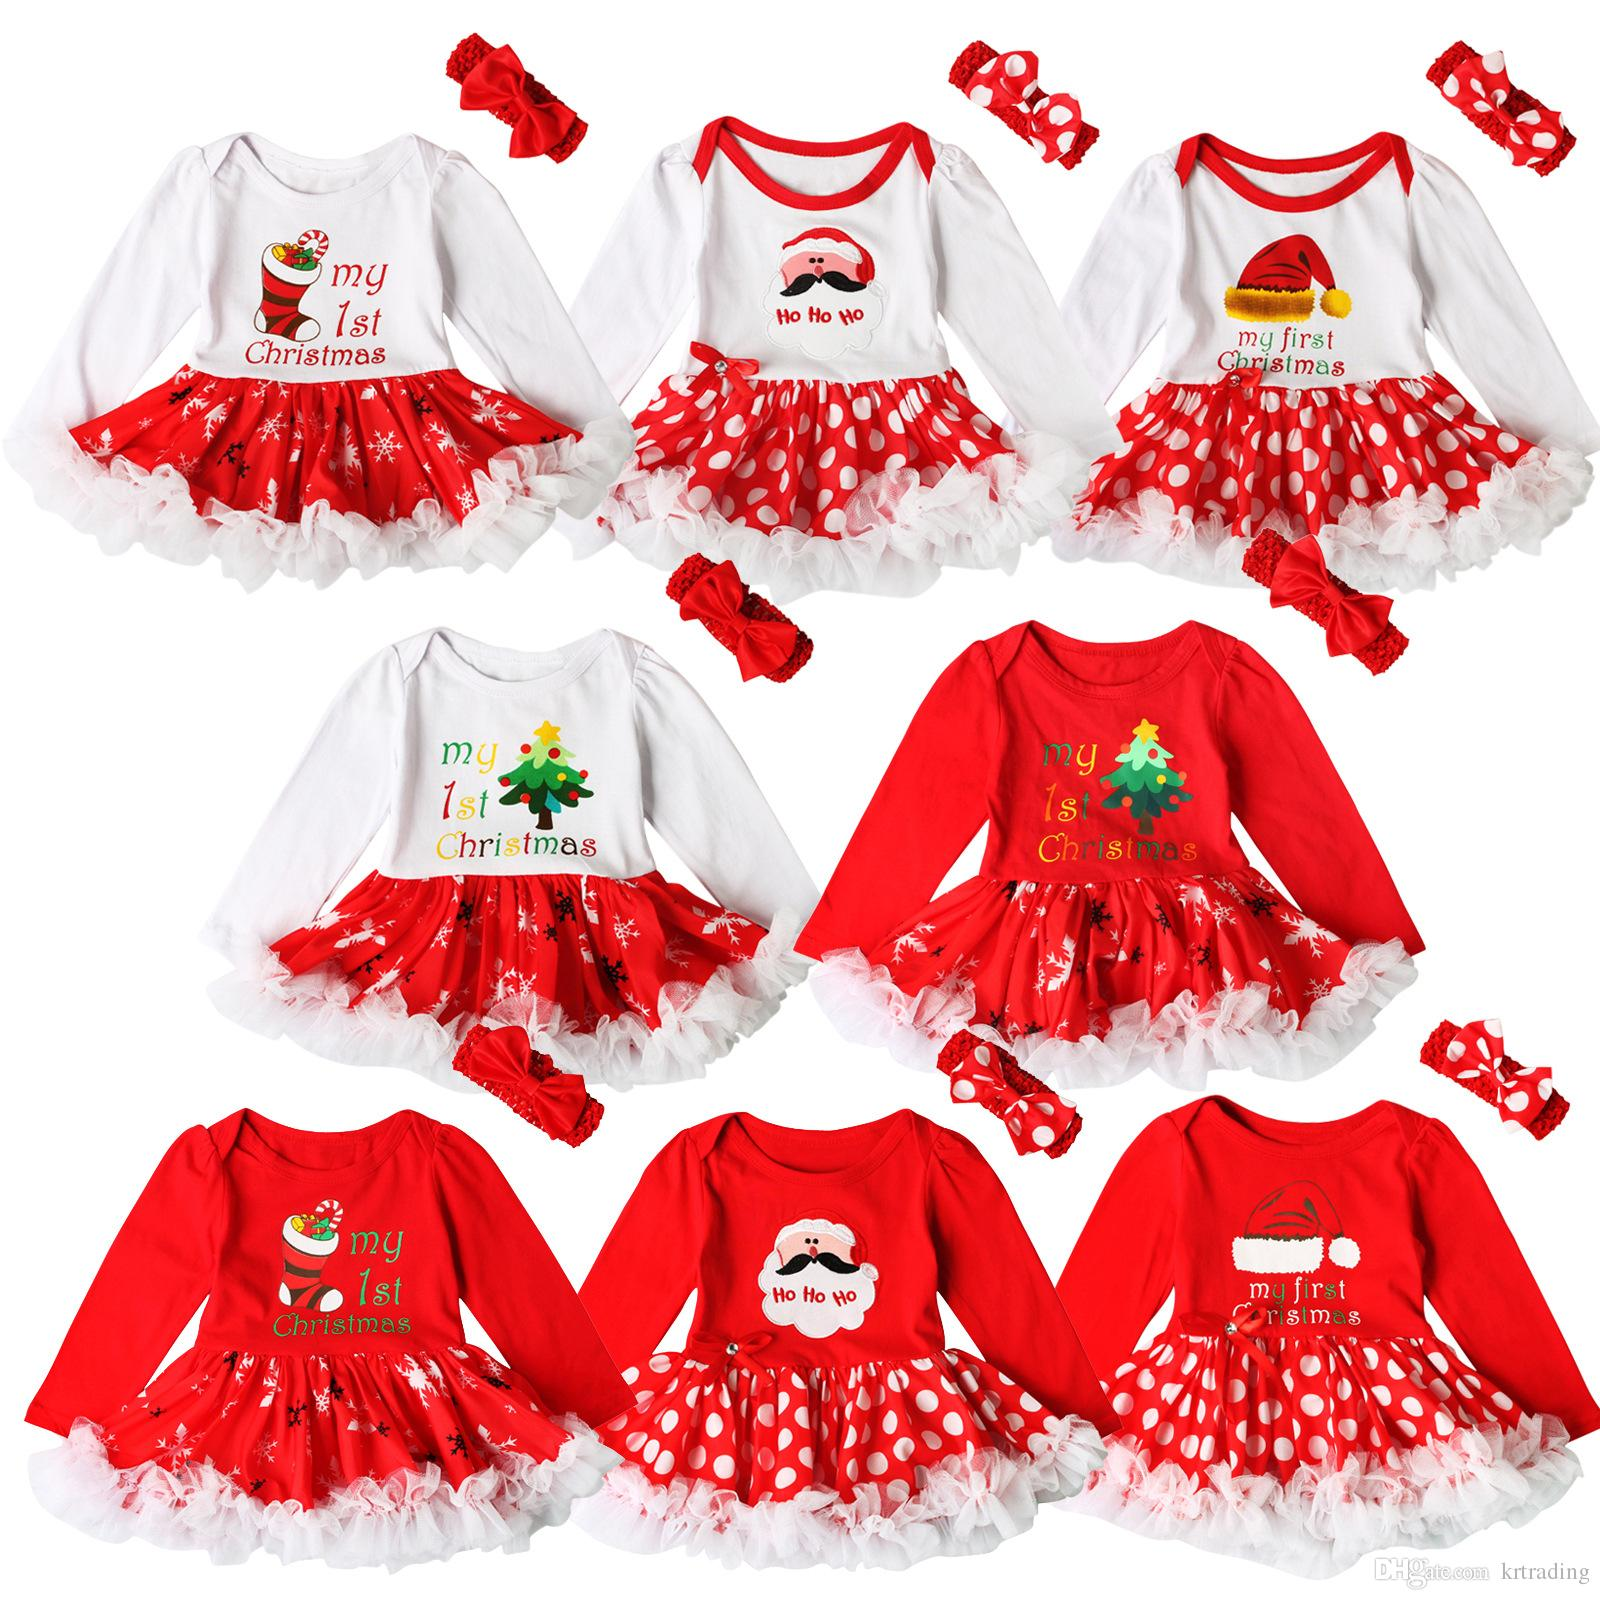 Bebek kız Noel baskı Kırmızı elbise 2 adet setleri tığ işi yay bandı + Noel desen romper Bebekler ilk noel hediyeleri sevimli kıyafetler ins